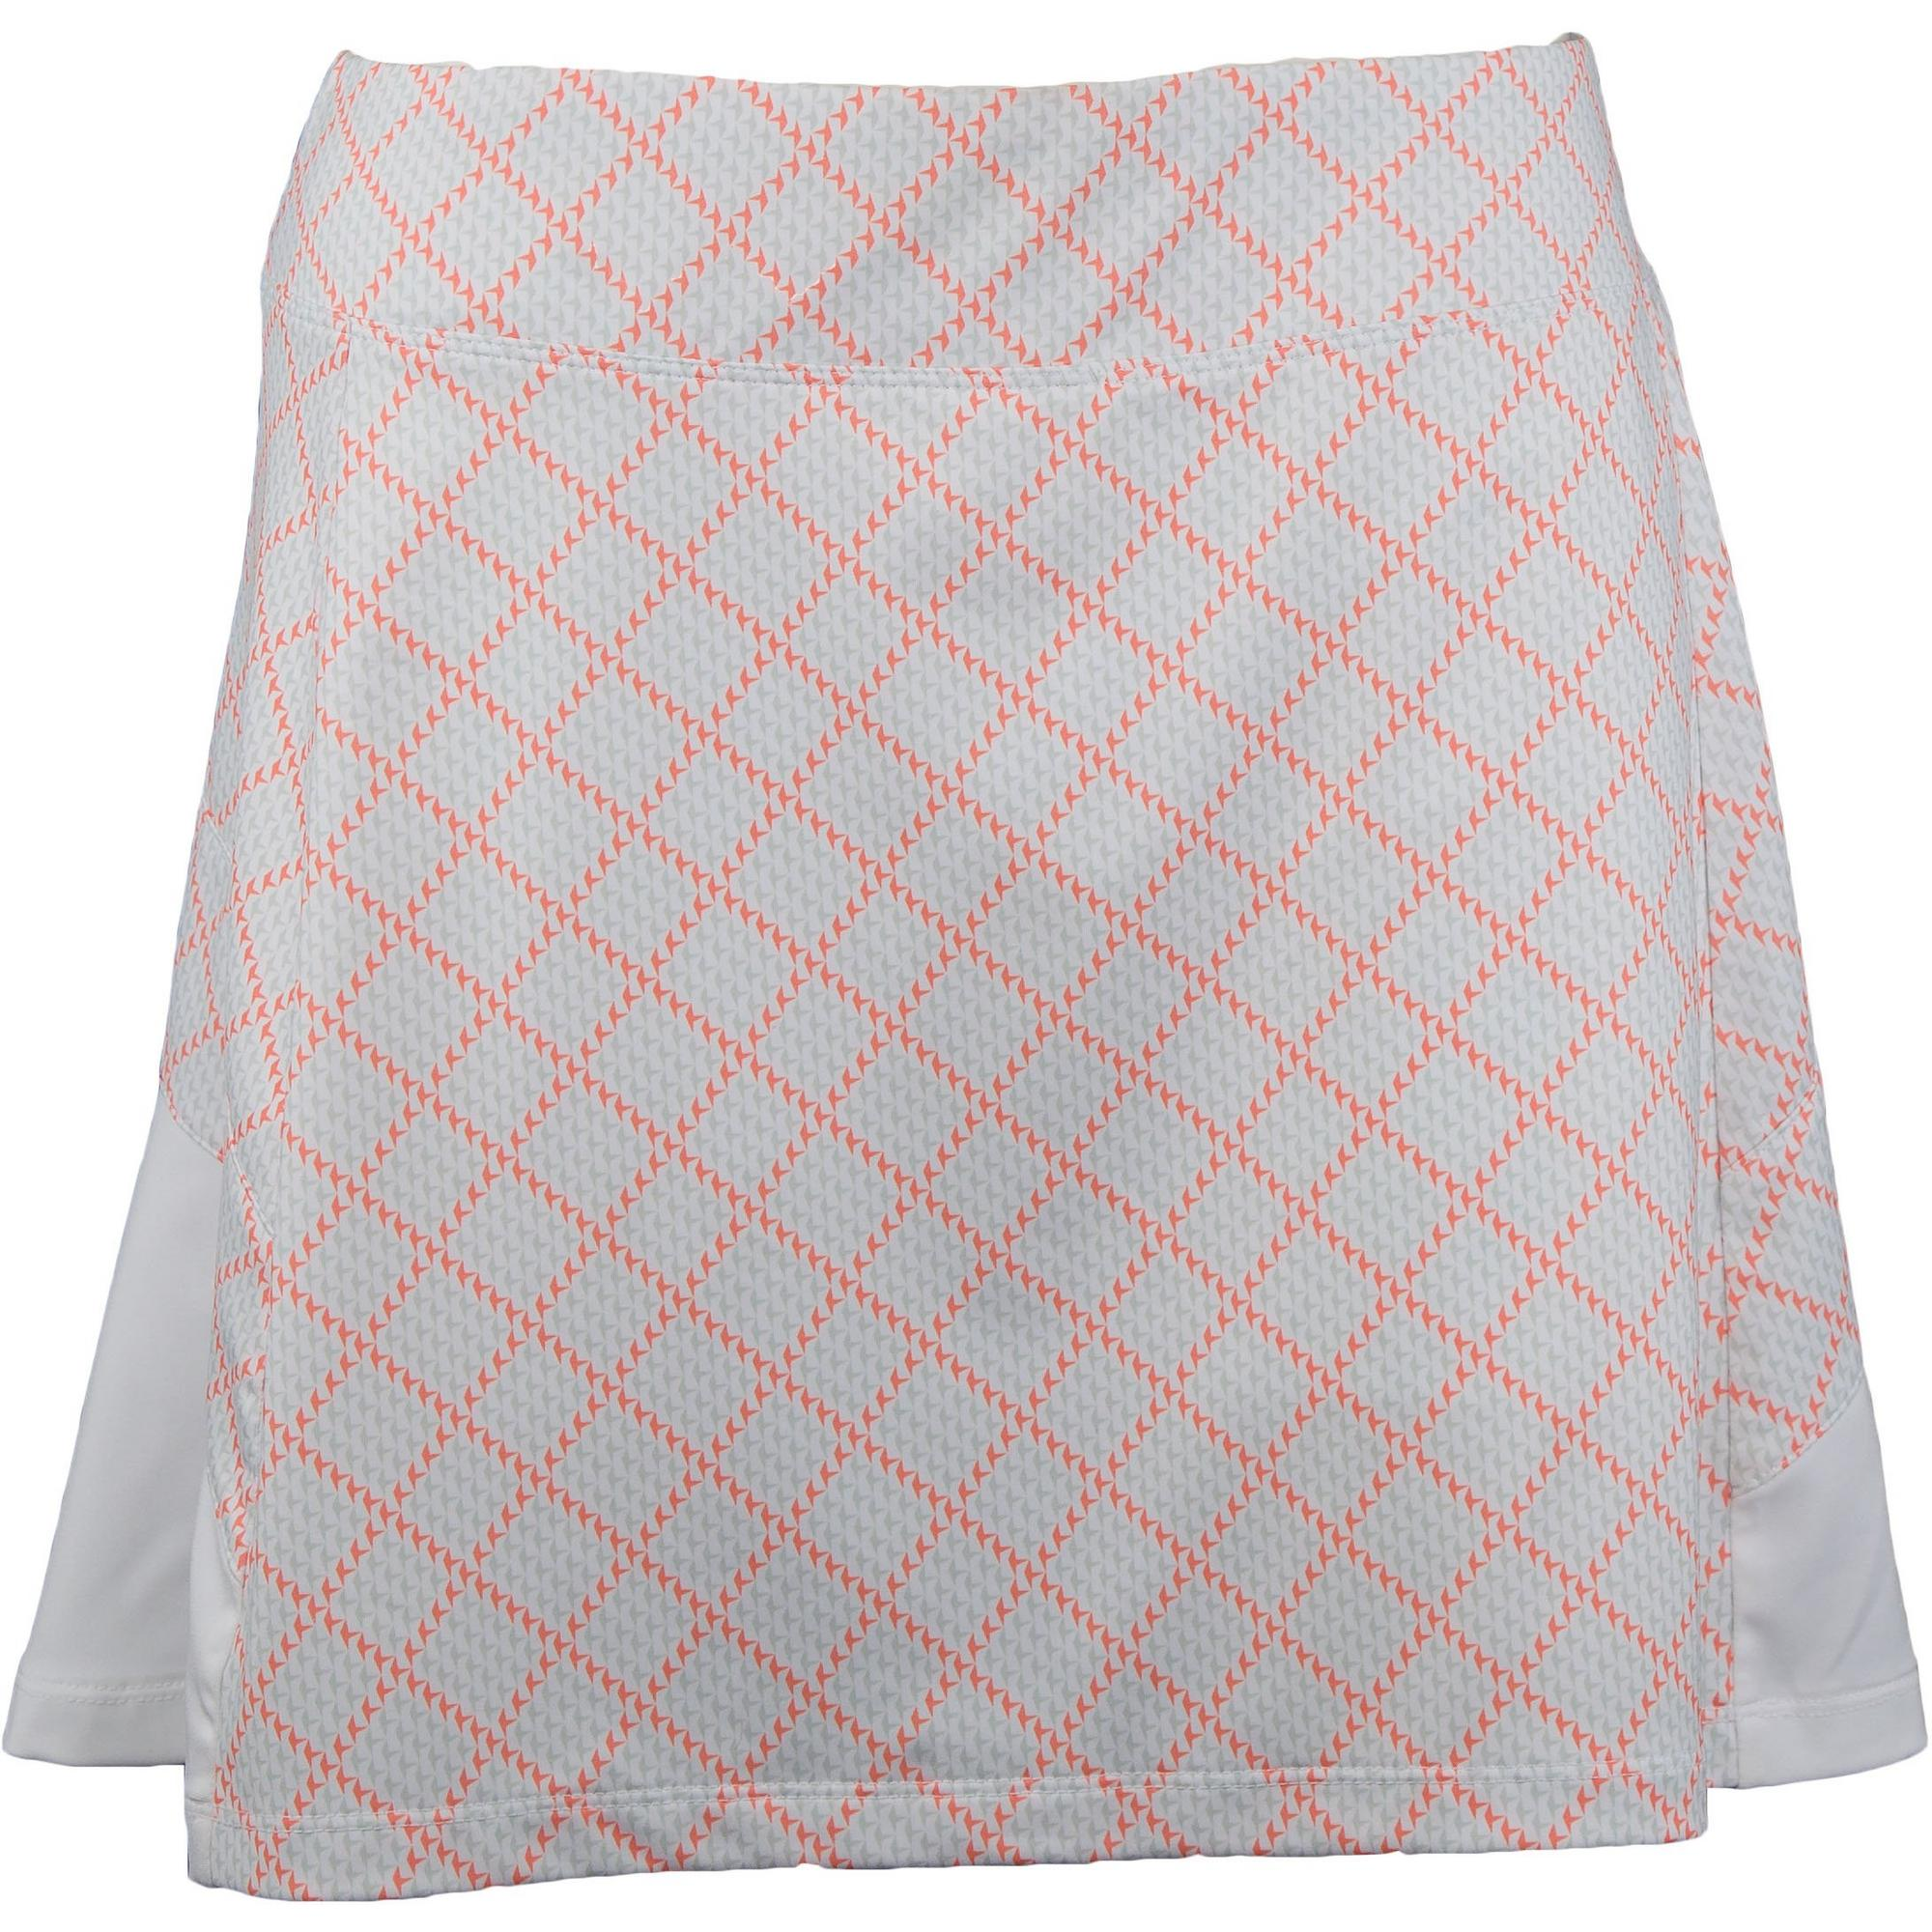 Women's Herringbone Check Print Skort